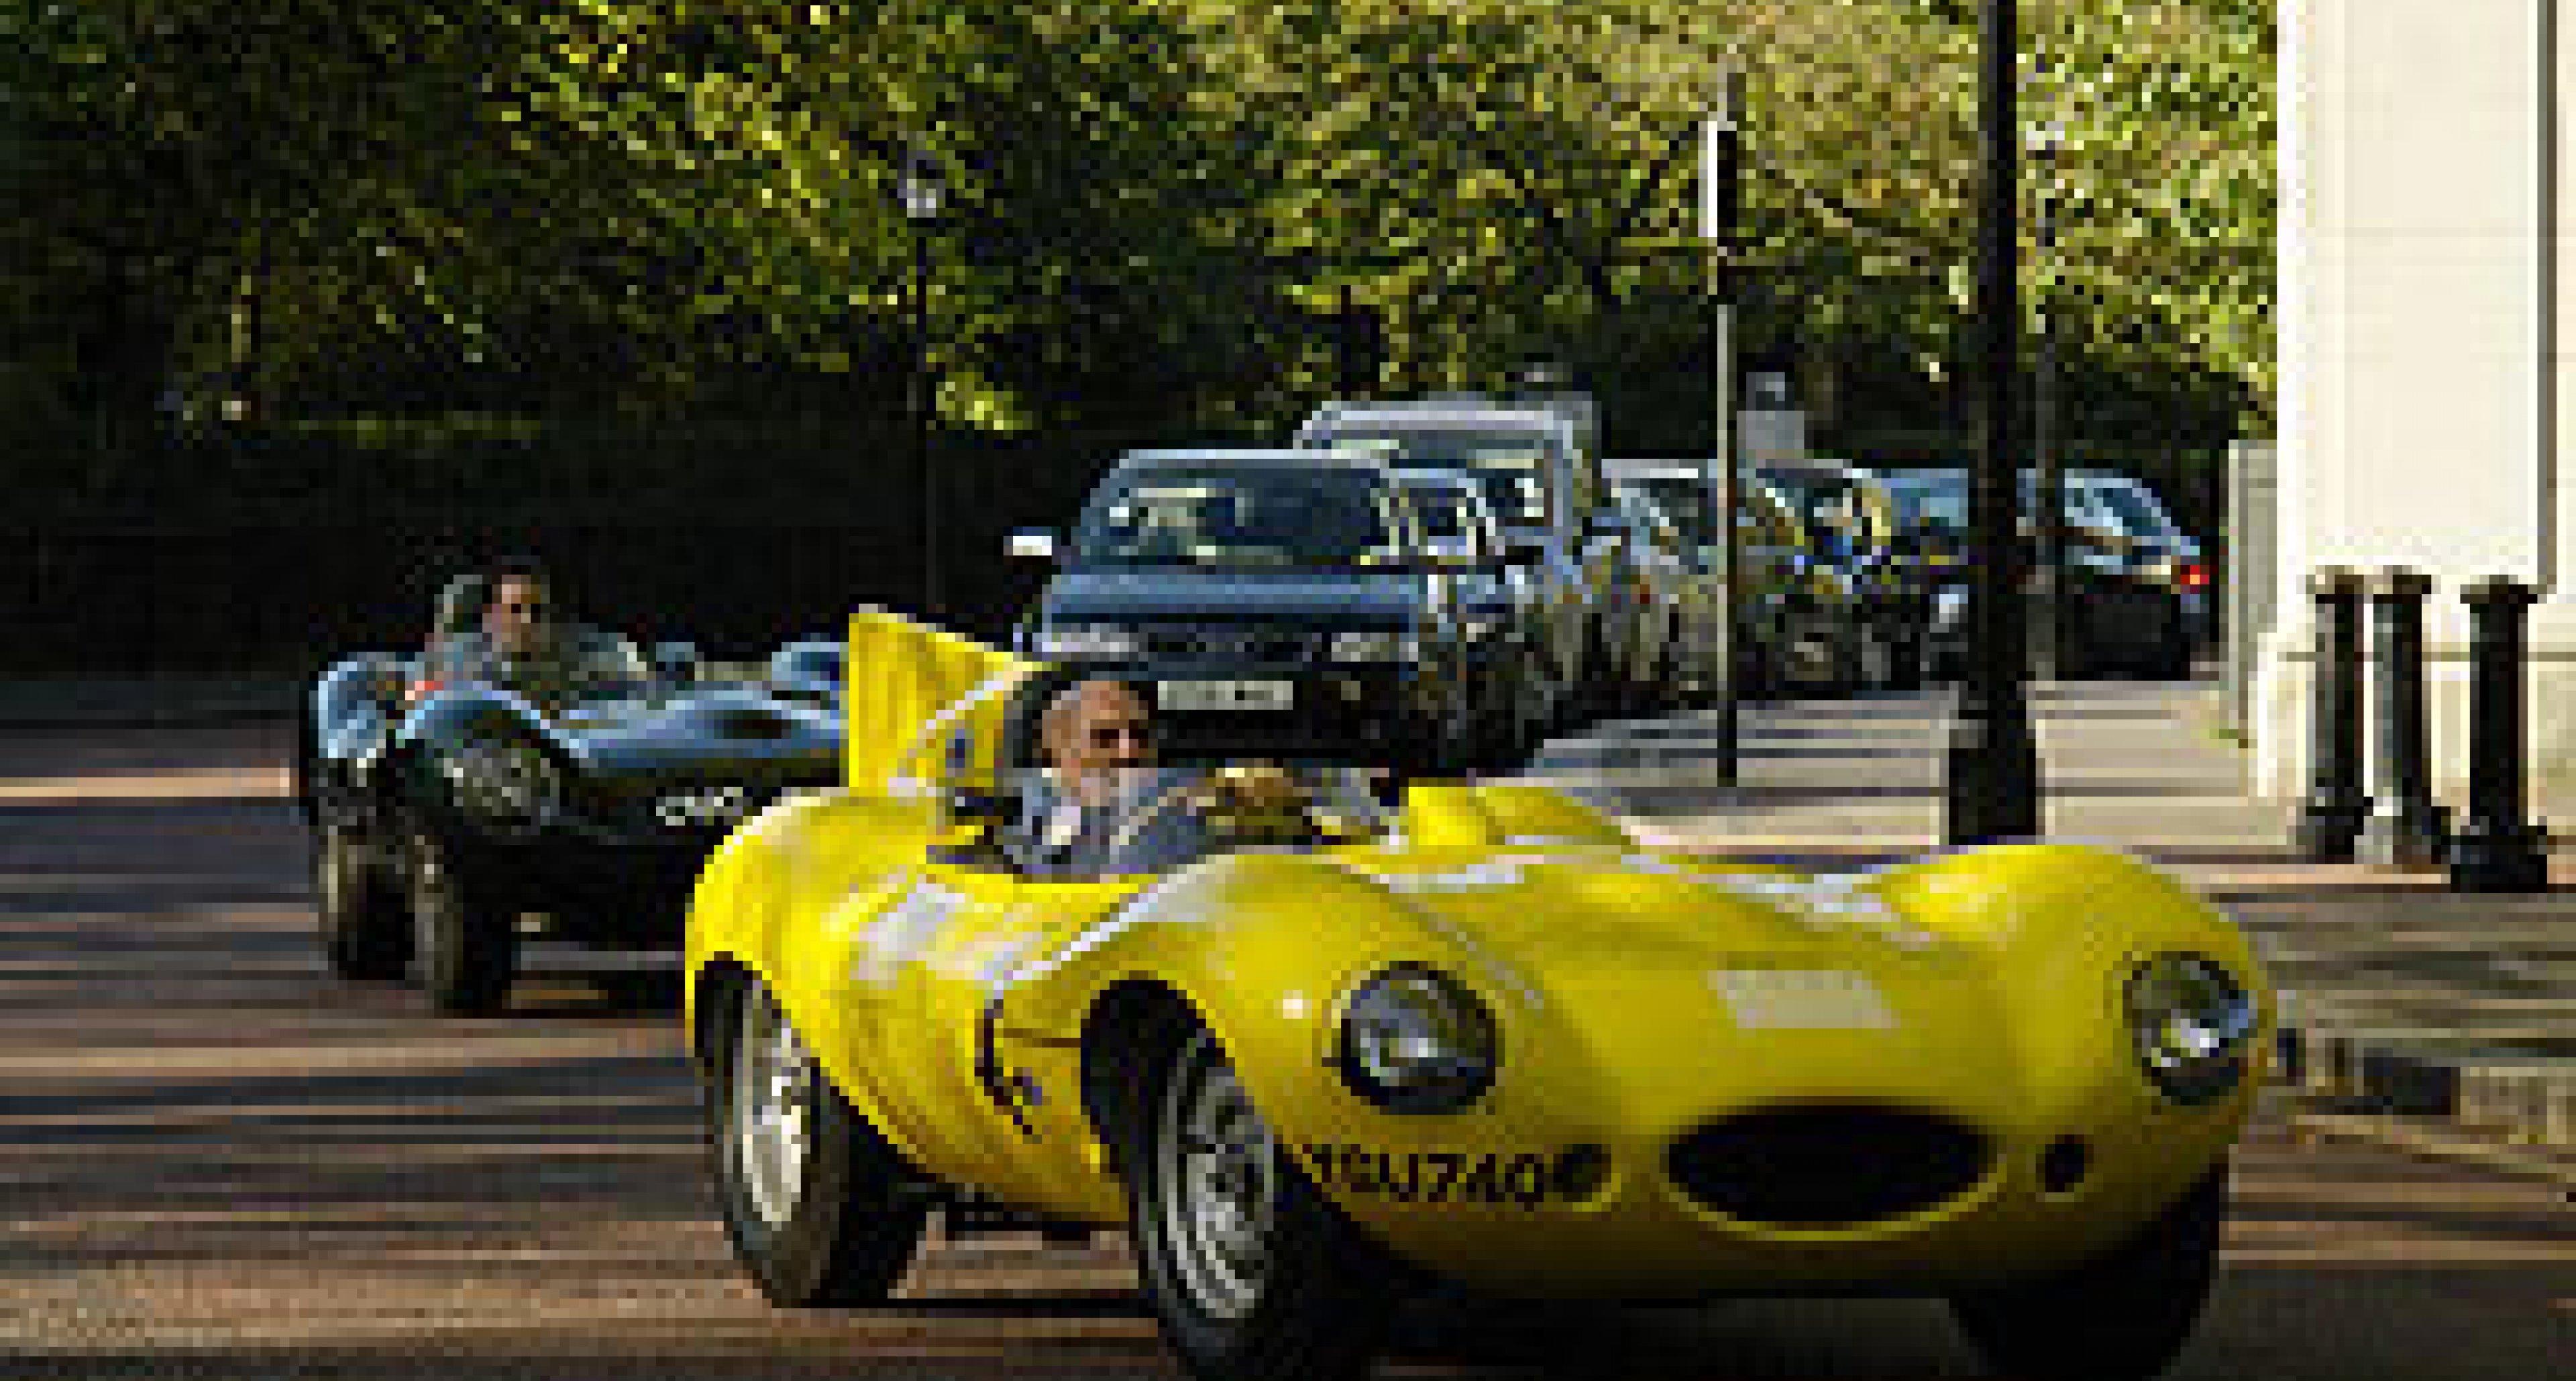 Jaguars loose in London